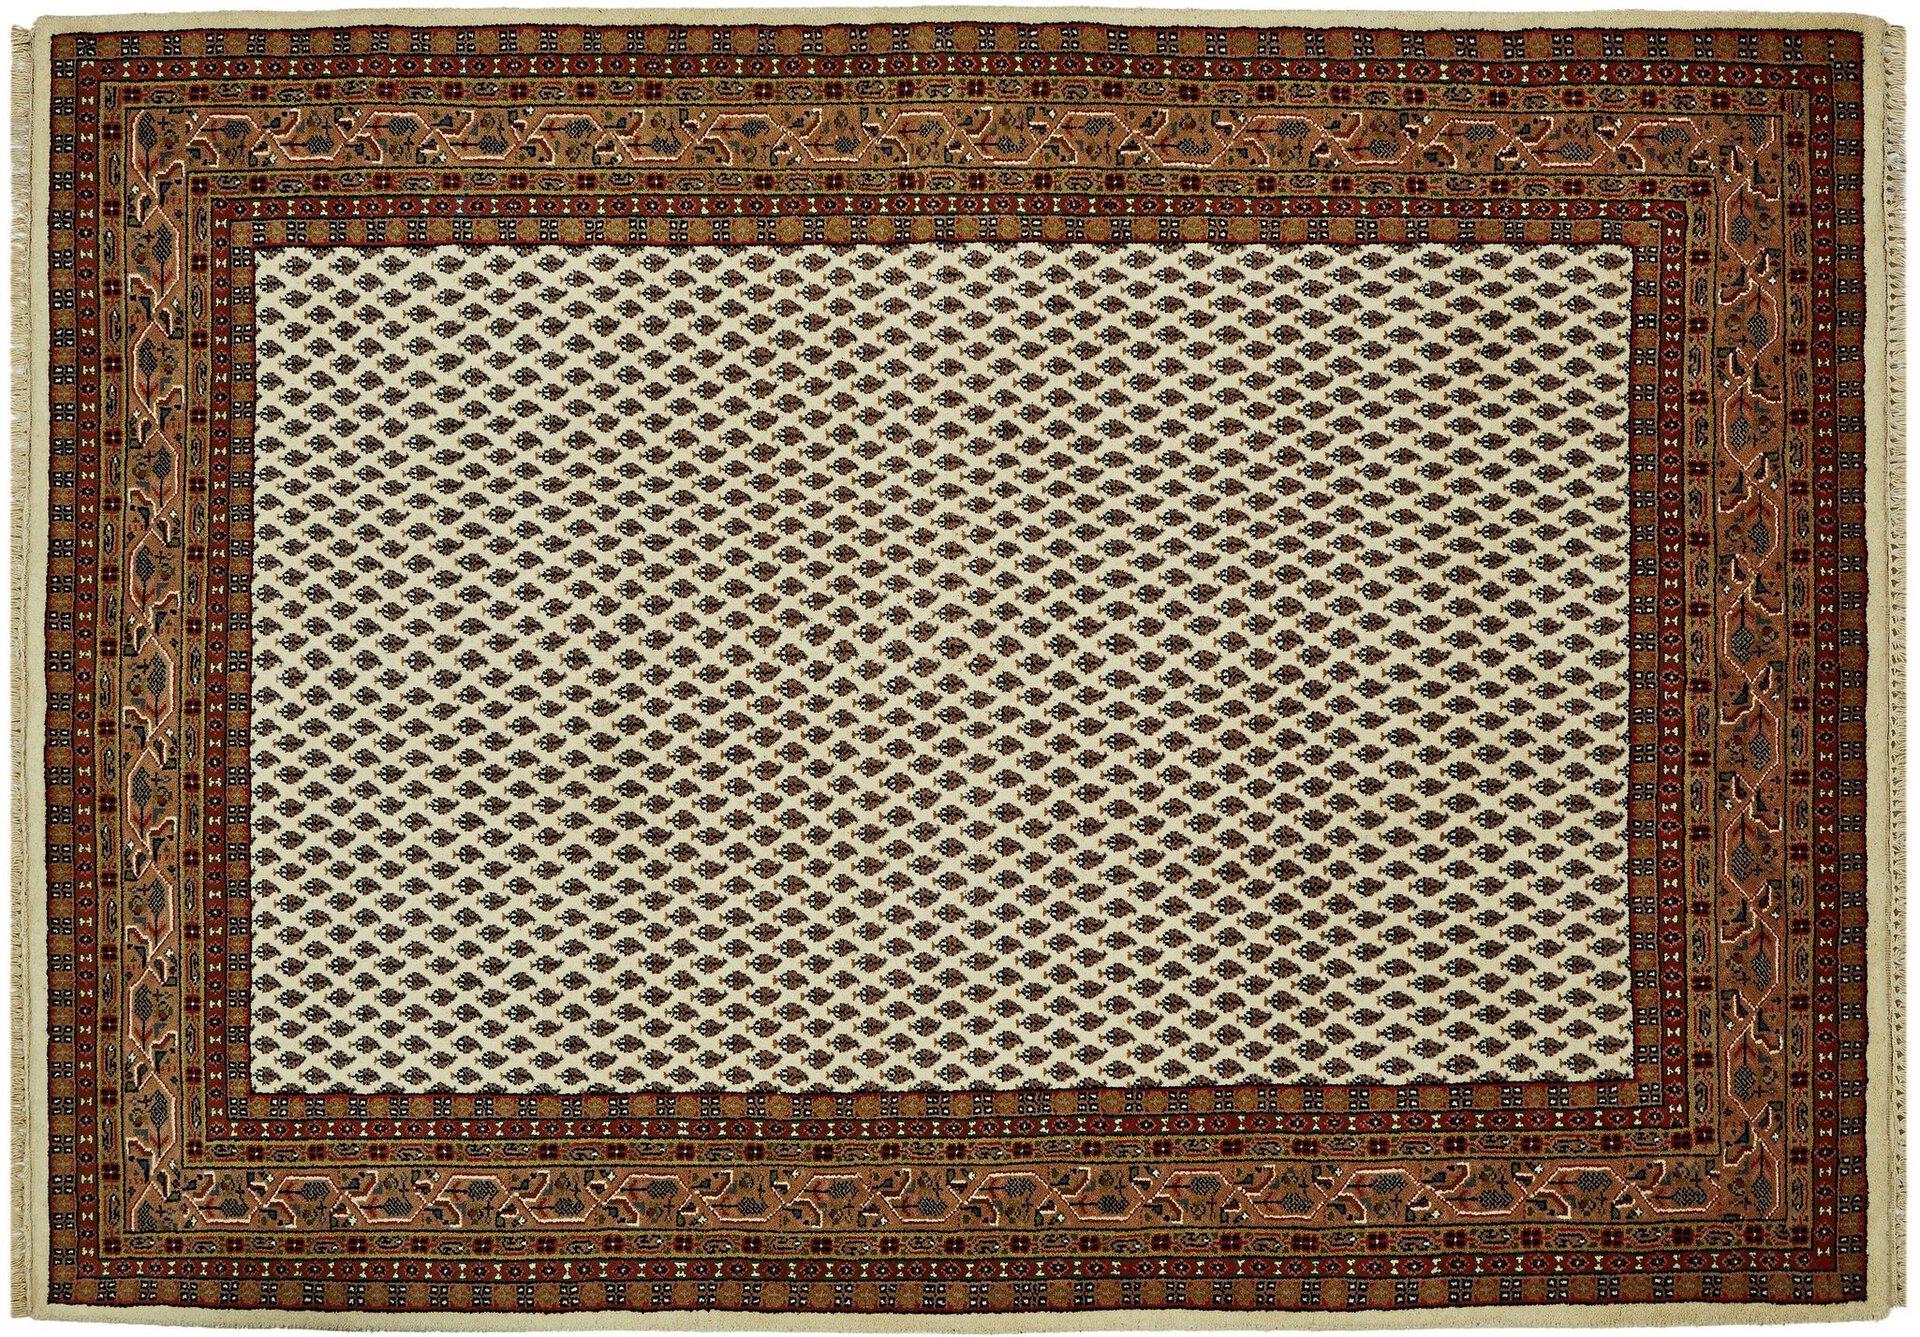 Orientteppich Bikaner Mir Rug Studios Textil beige 1 x 2 cm